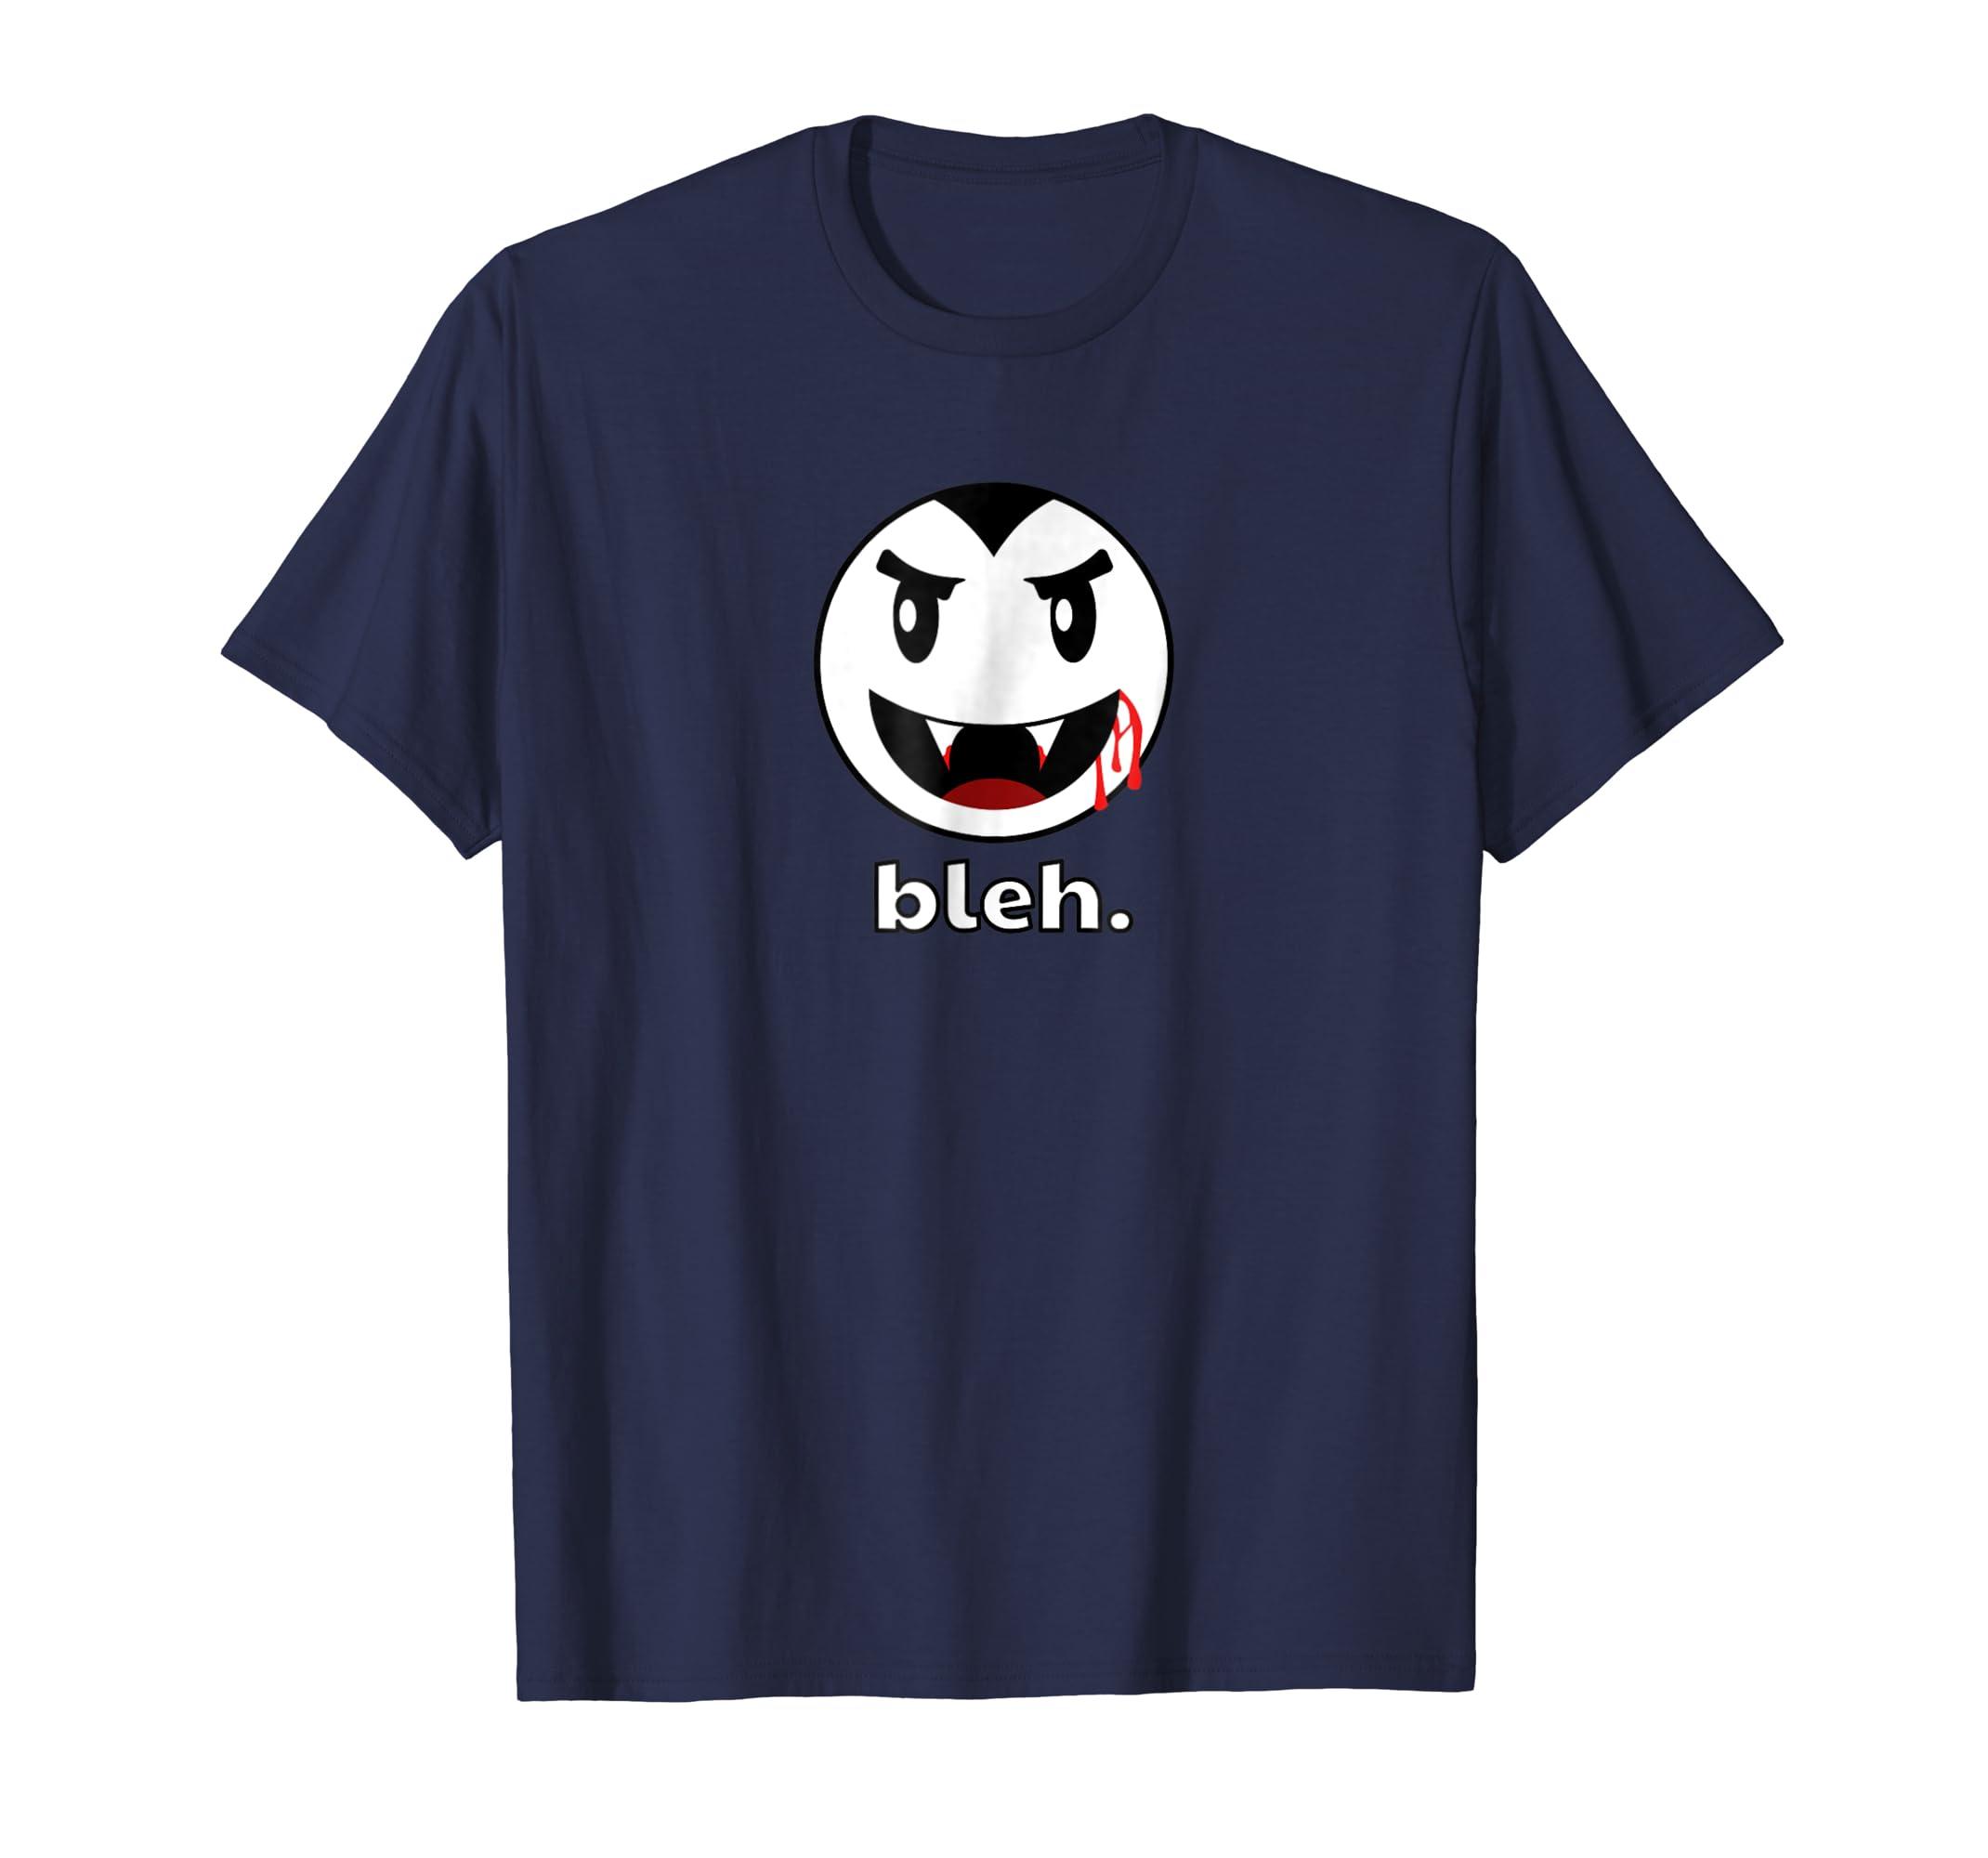 Bleh - T-Shirt - Vampire, Blah, Smiley Face-mt